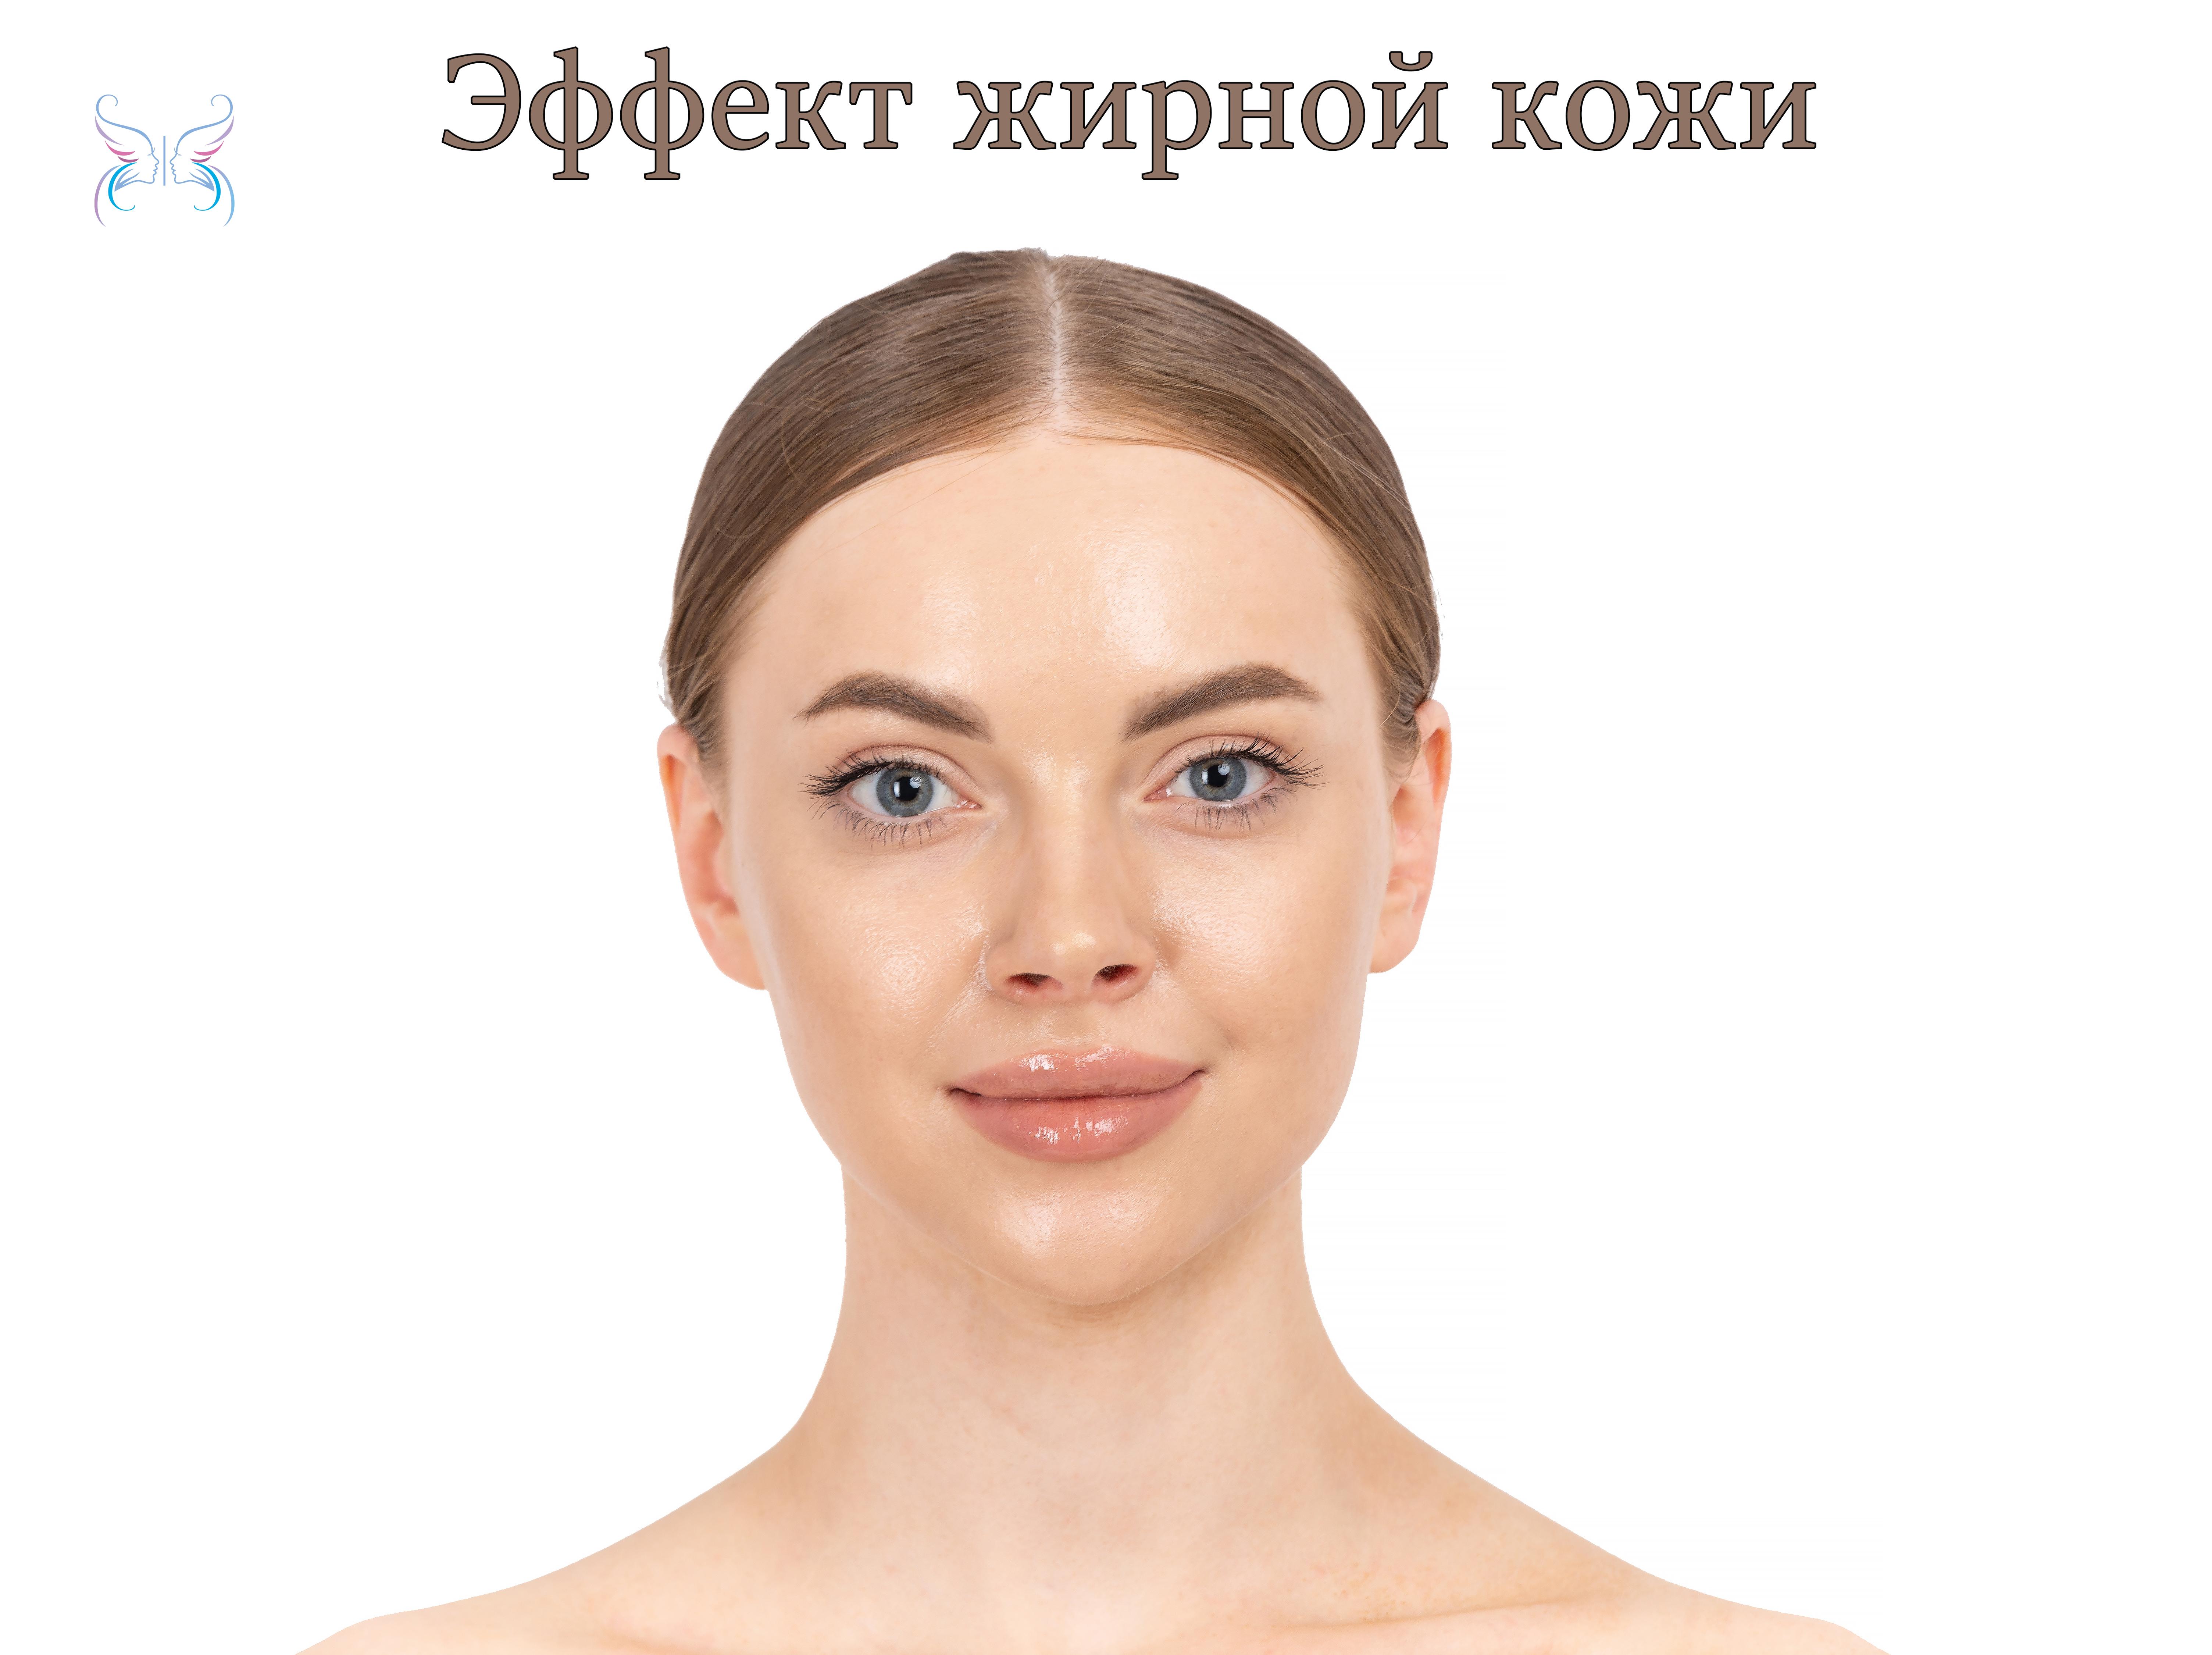 Эффект жирной кожи